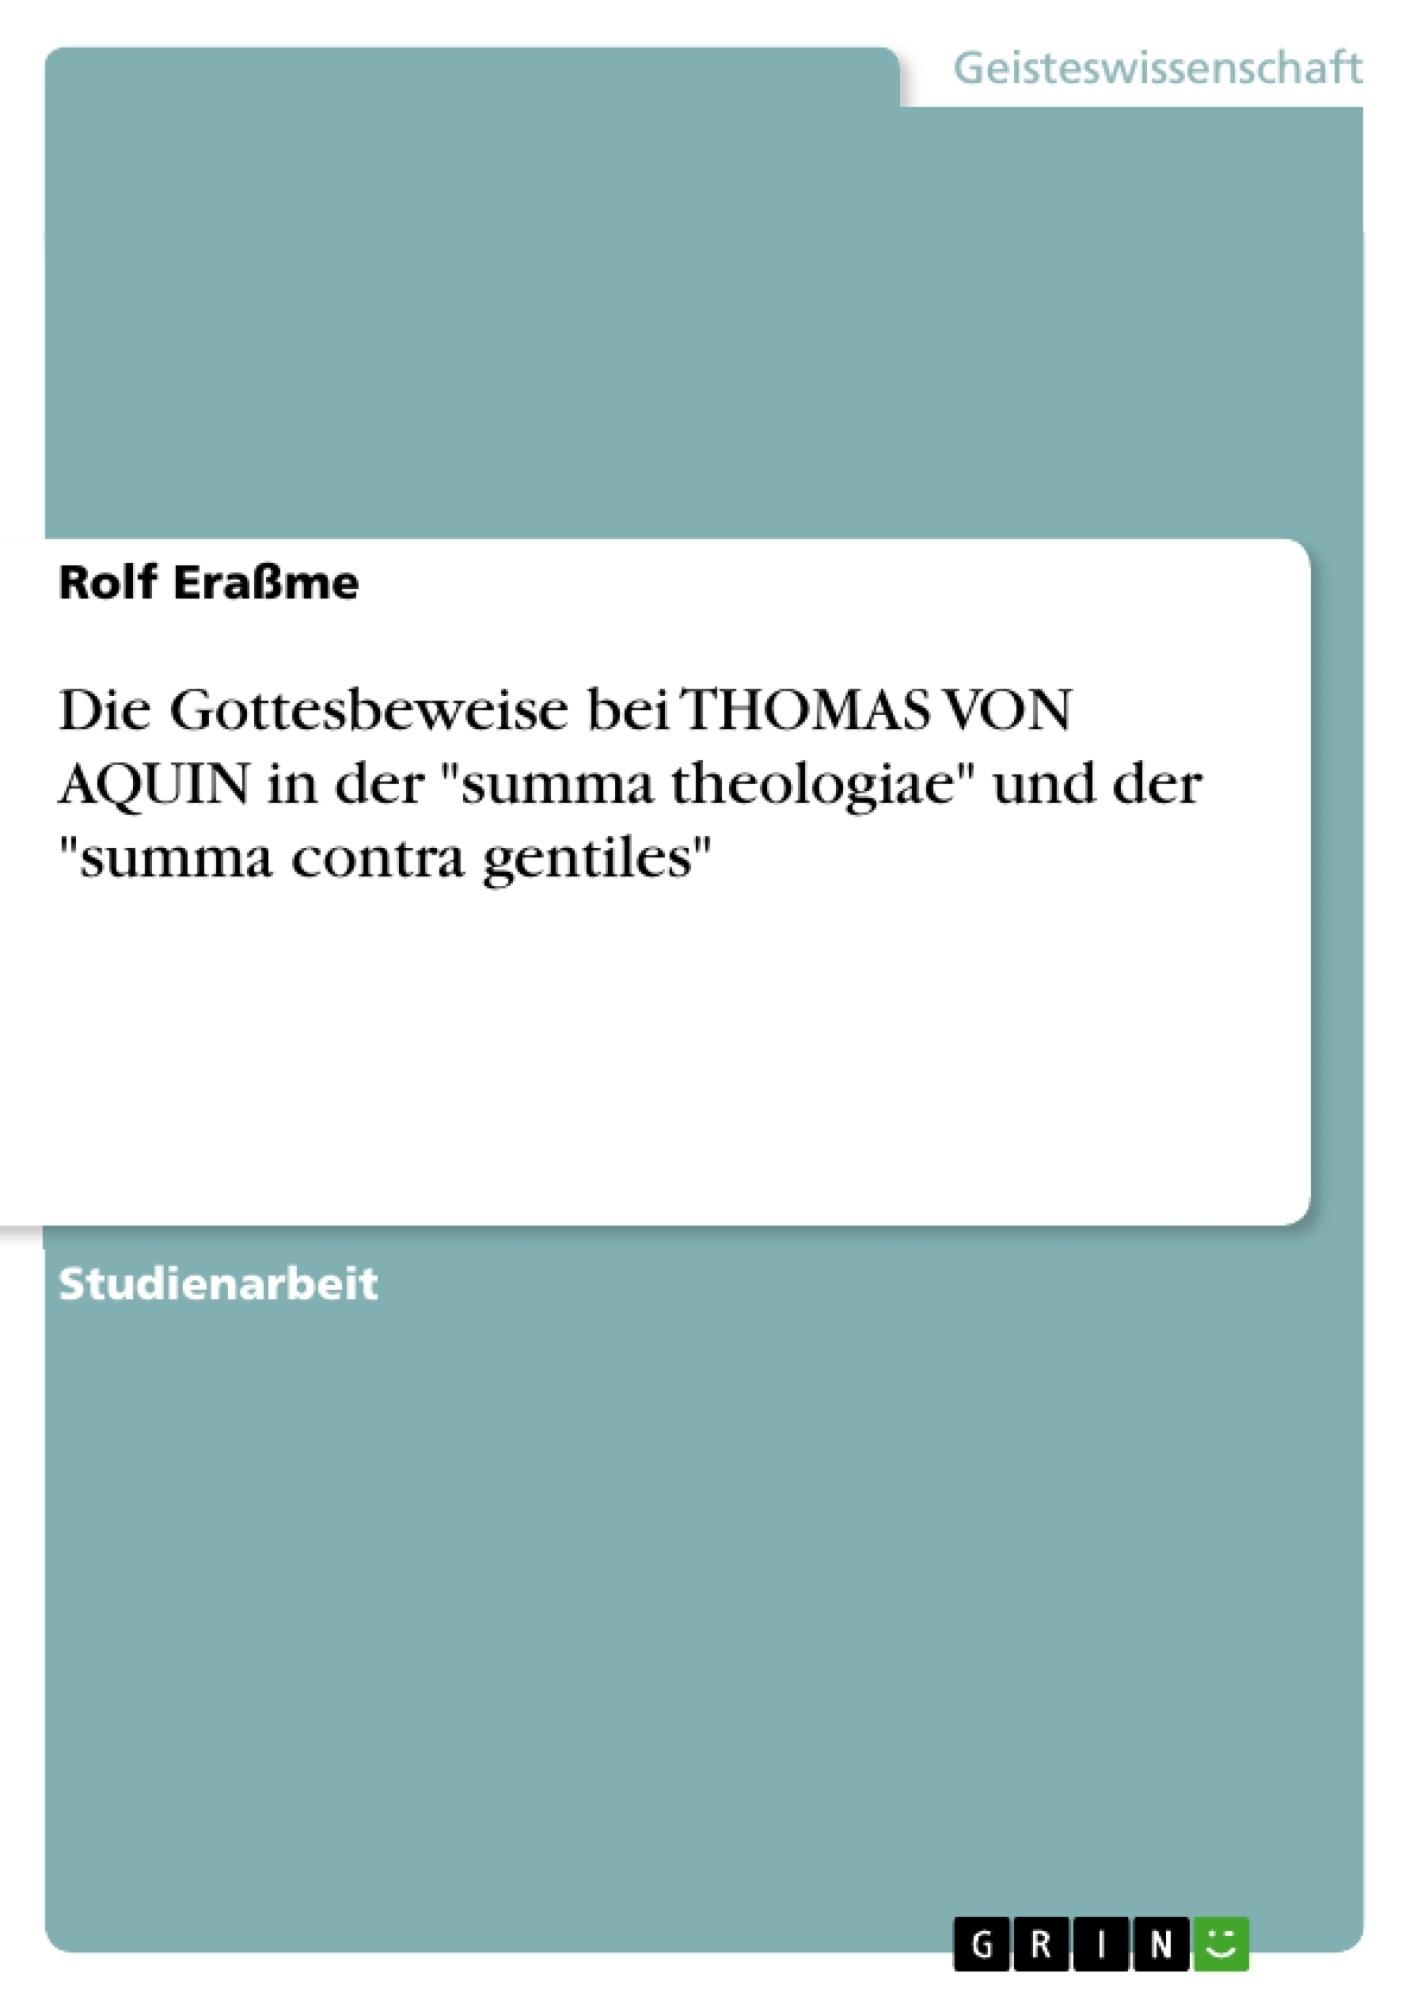 """Titel: Die Gottesbeweise bei THOMAS VON AQUIN in der """"summa theologiae"""" und der """"summa contra gentiles"""""""